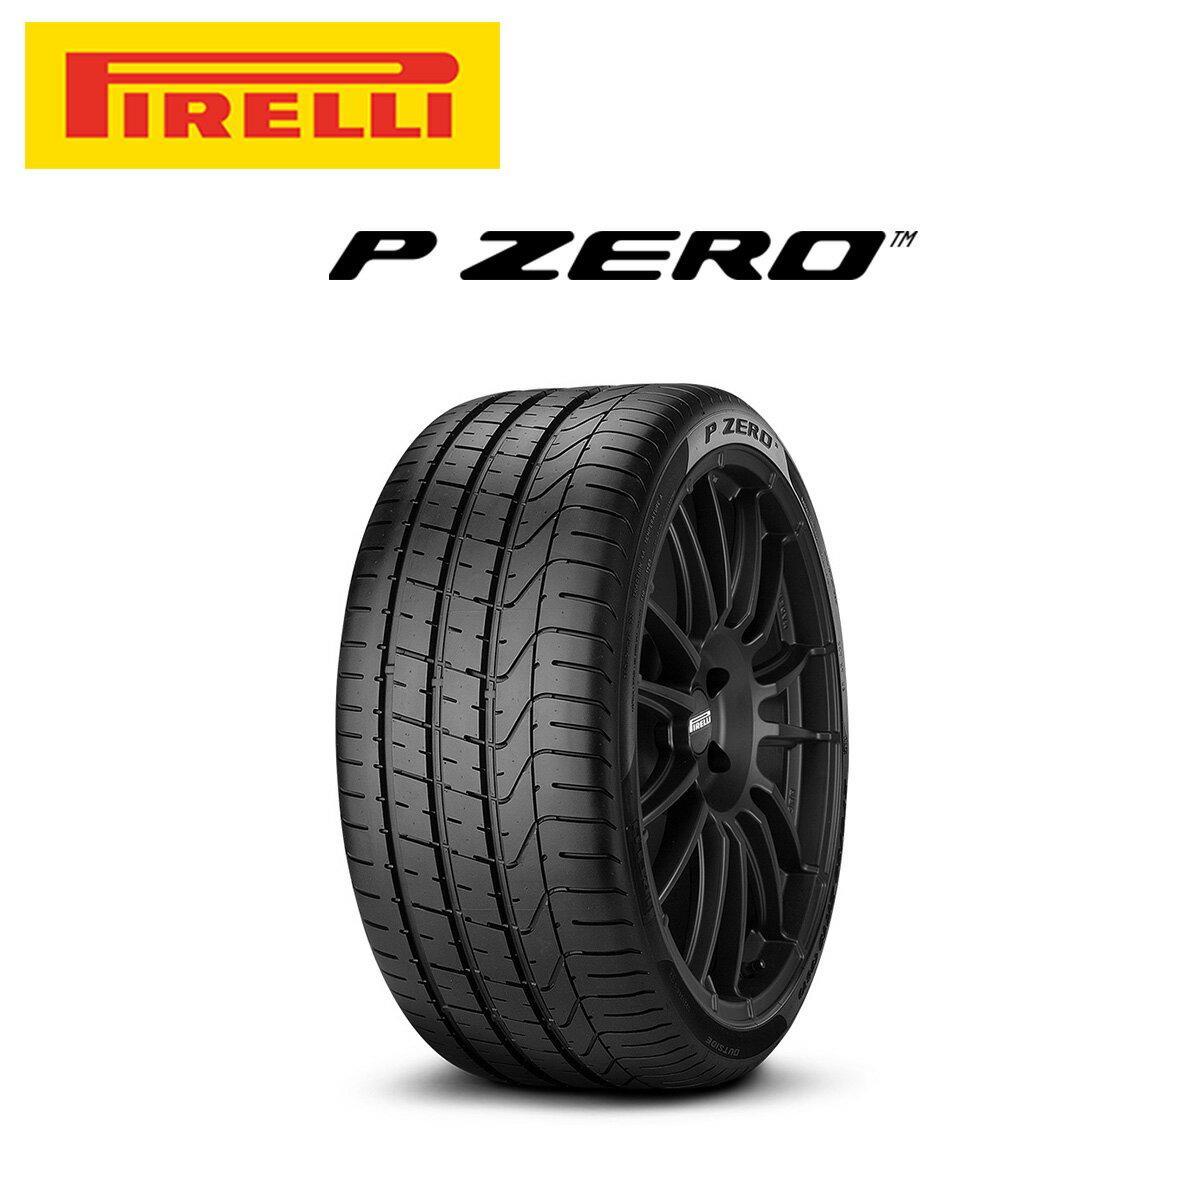 ピレリ PIRELLI P ZERO ピーゼロ 20インチ サマー タイヤ 4本 セット 305/30ZR20 99Y MC1:マクラーレン承認タイヤ 1931700